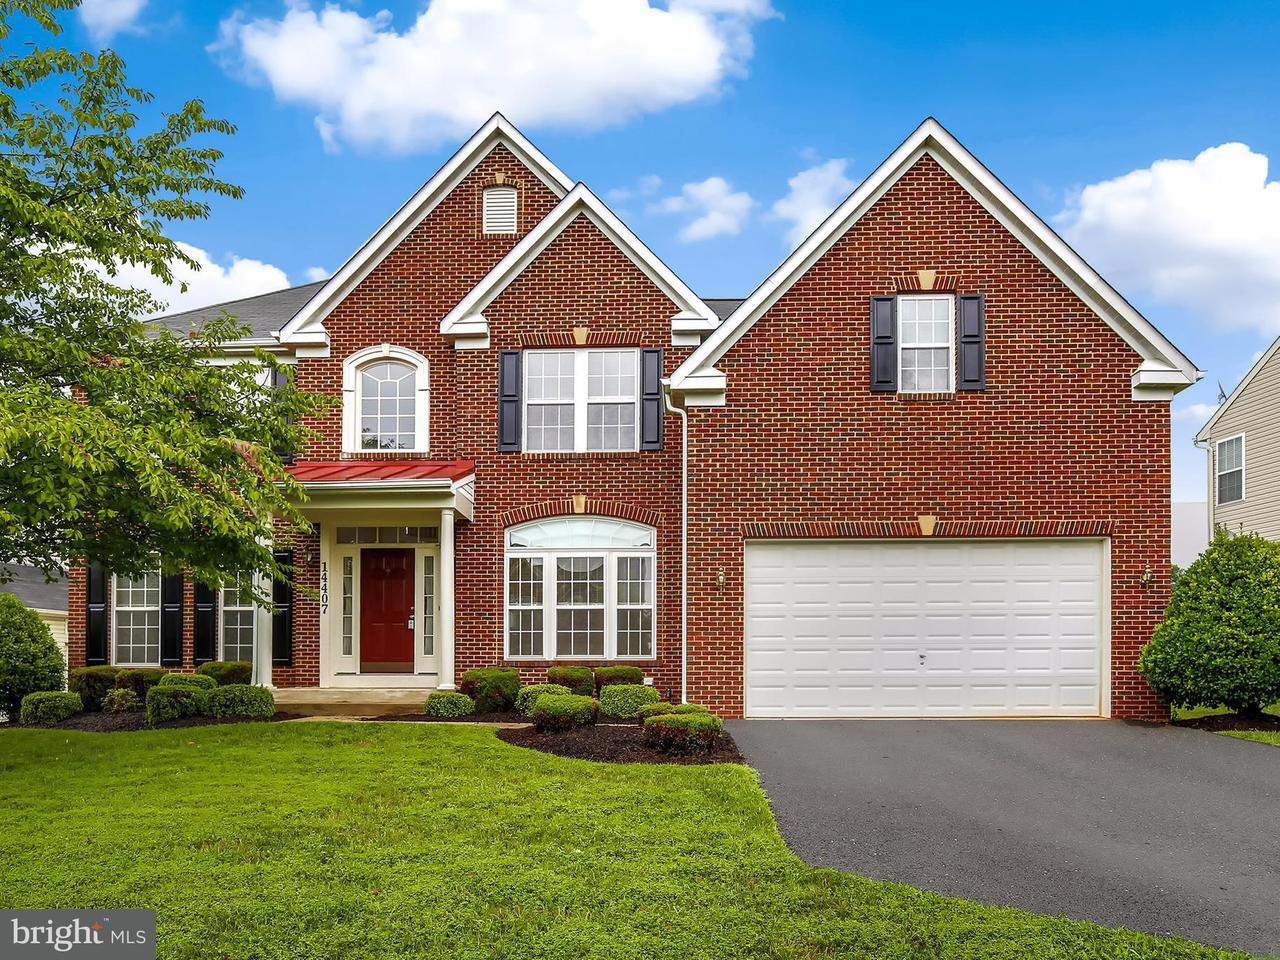 Частный односемейный дом для того Продажа на 14407 AUTUMN CREST Road 14407 AUTUMN CREST Road Boyds, Мэриленд 20841 Соединенные Штаты